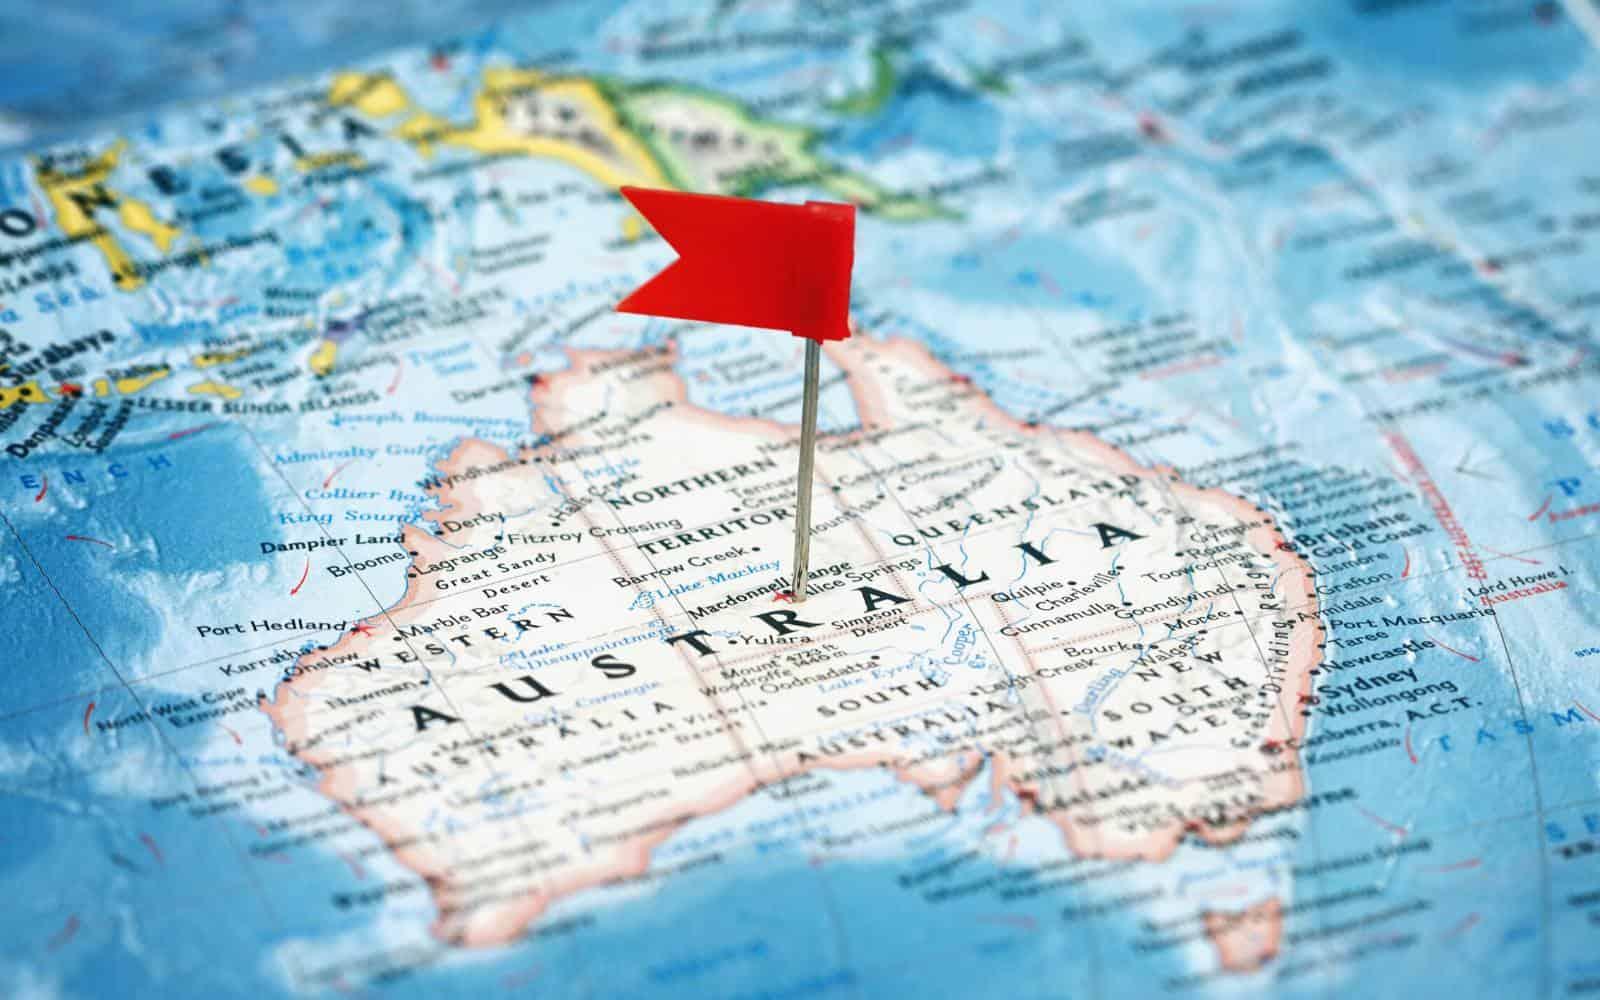 Comment vivre et travailler en Australie?